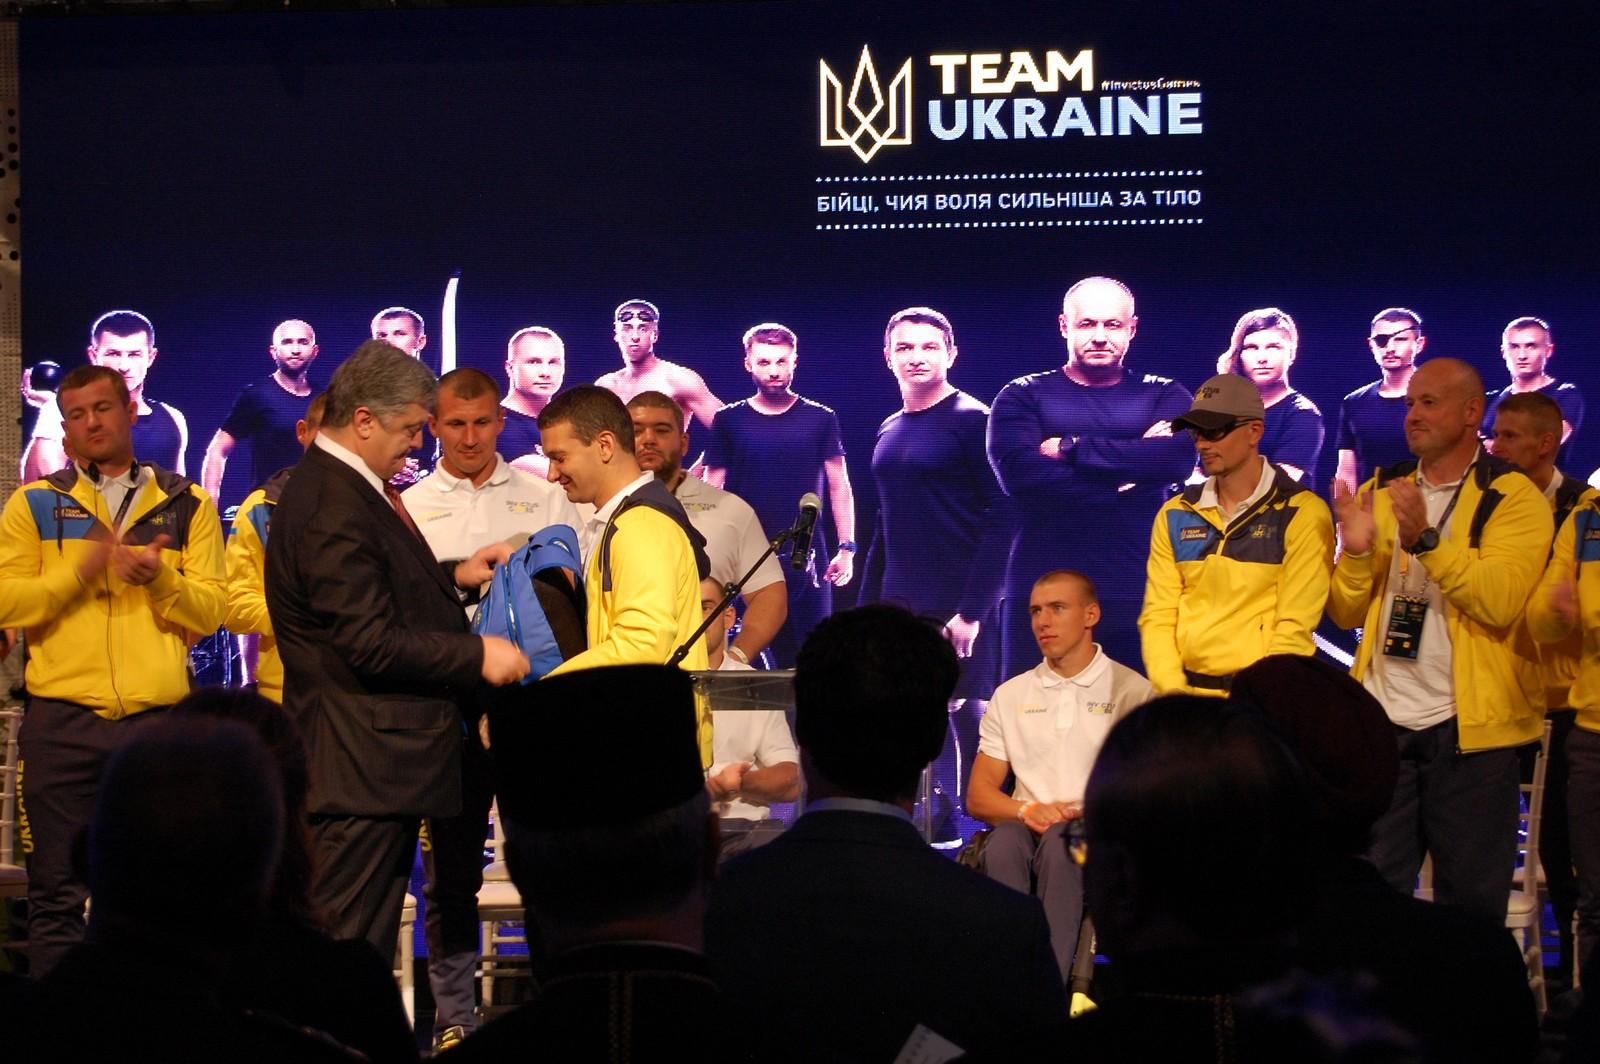 """Достойный дебют Украины на """"Играх непокоренных"""": результаты украинской сборной в Торонто"""